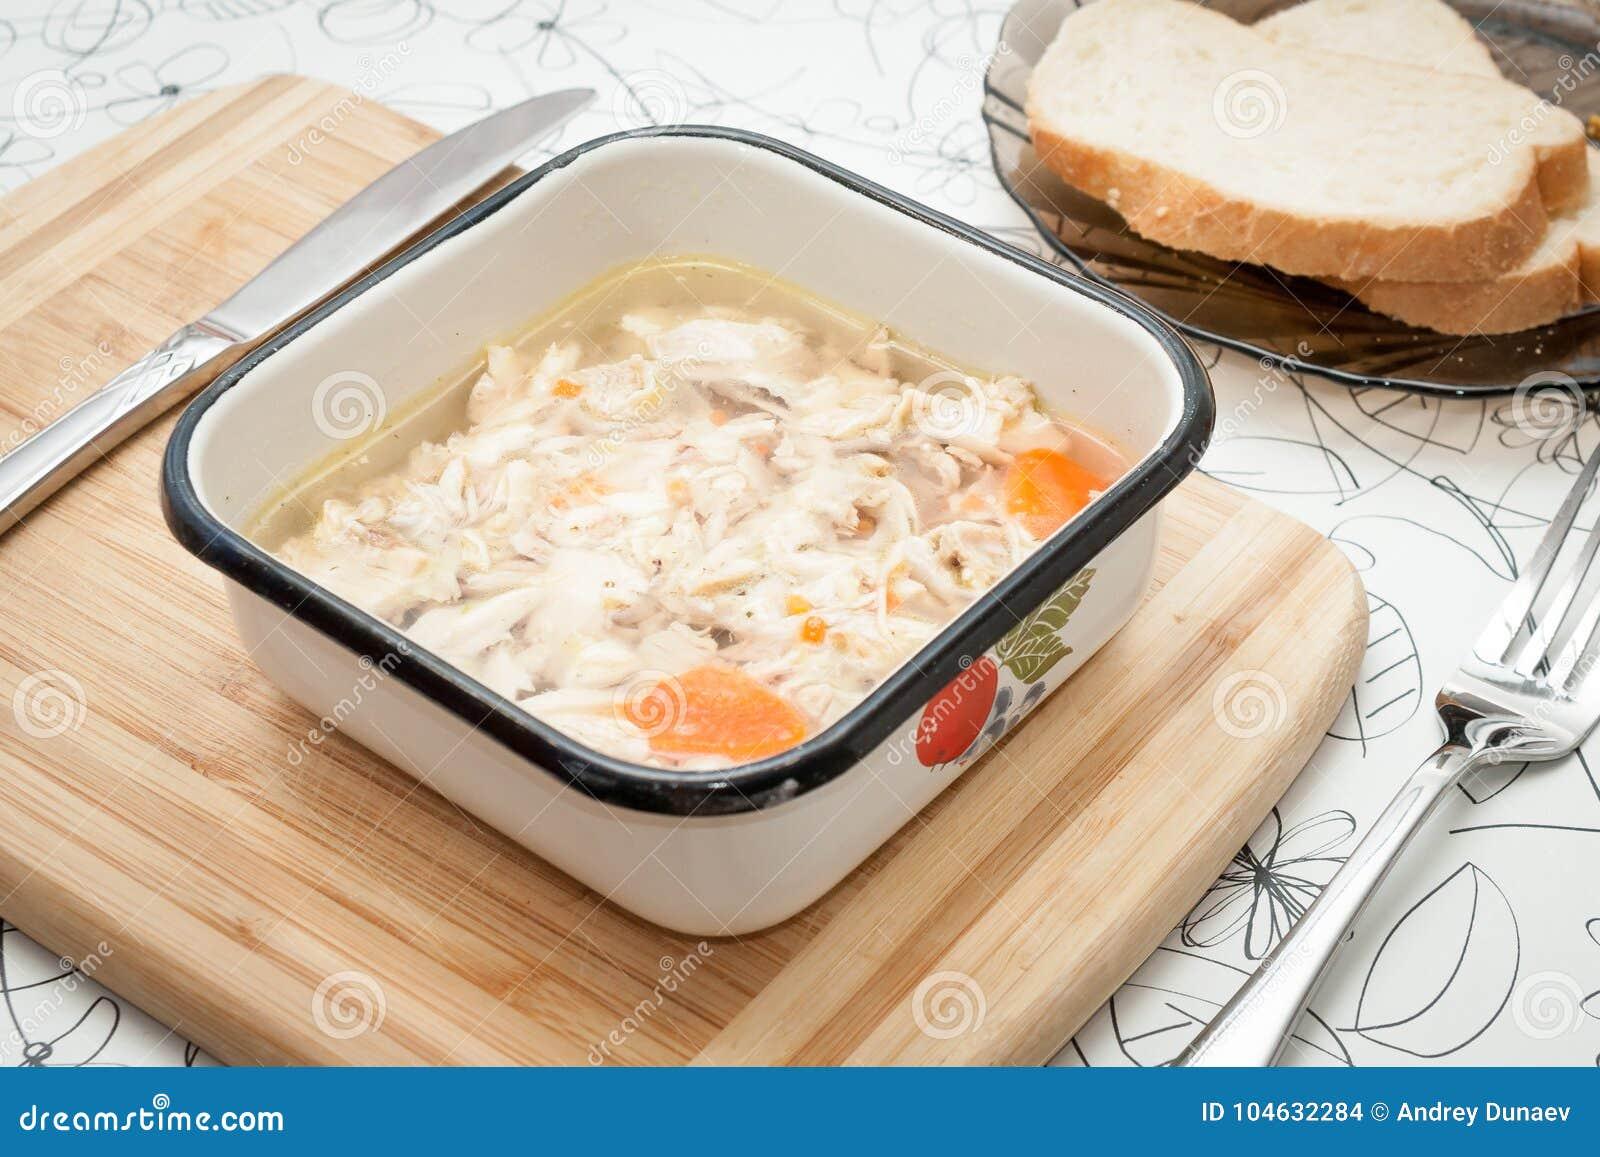 Download Vers Op Gelei Gezet Op Een Lichte Raad Met Mosterd, Ketchup Stock Foto - Afbeelding bestaande uit kuiken, dille: 104632284